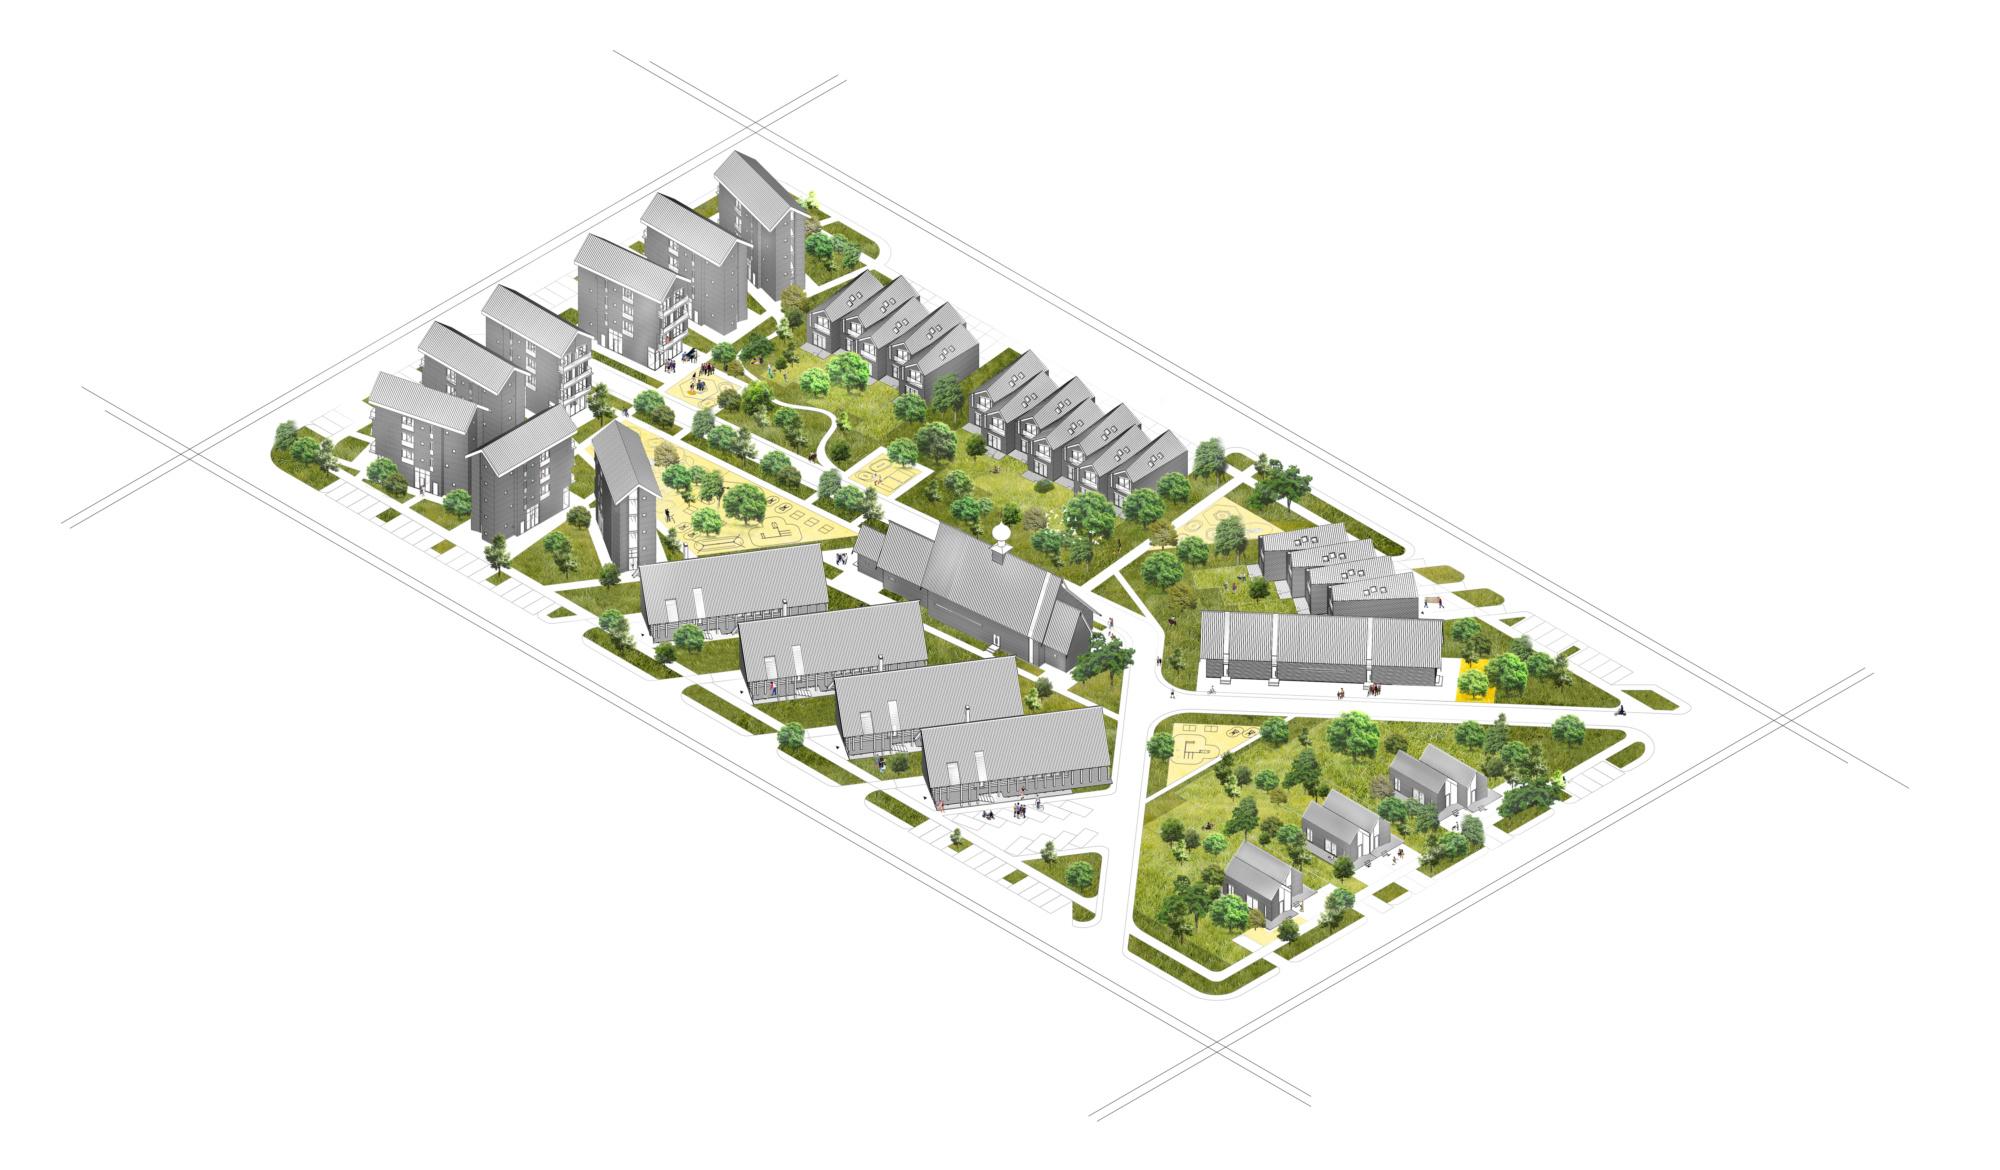 Архитектурная концепция стандартного малоэтажного жилья и жилой застройки. Аксонометрия квартала. ©DMTRVK